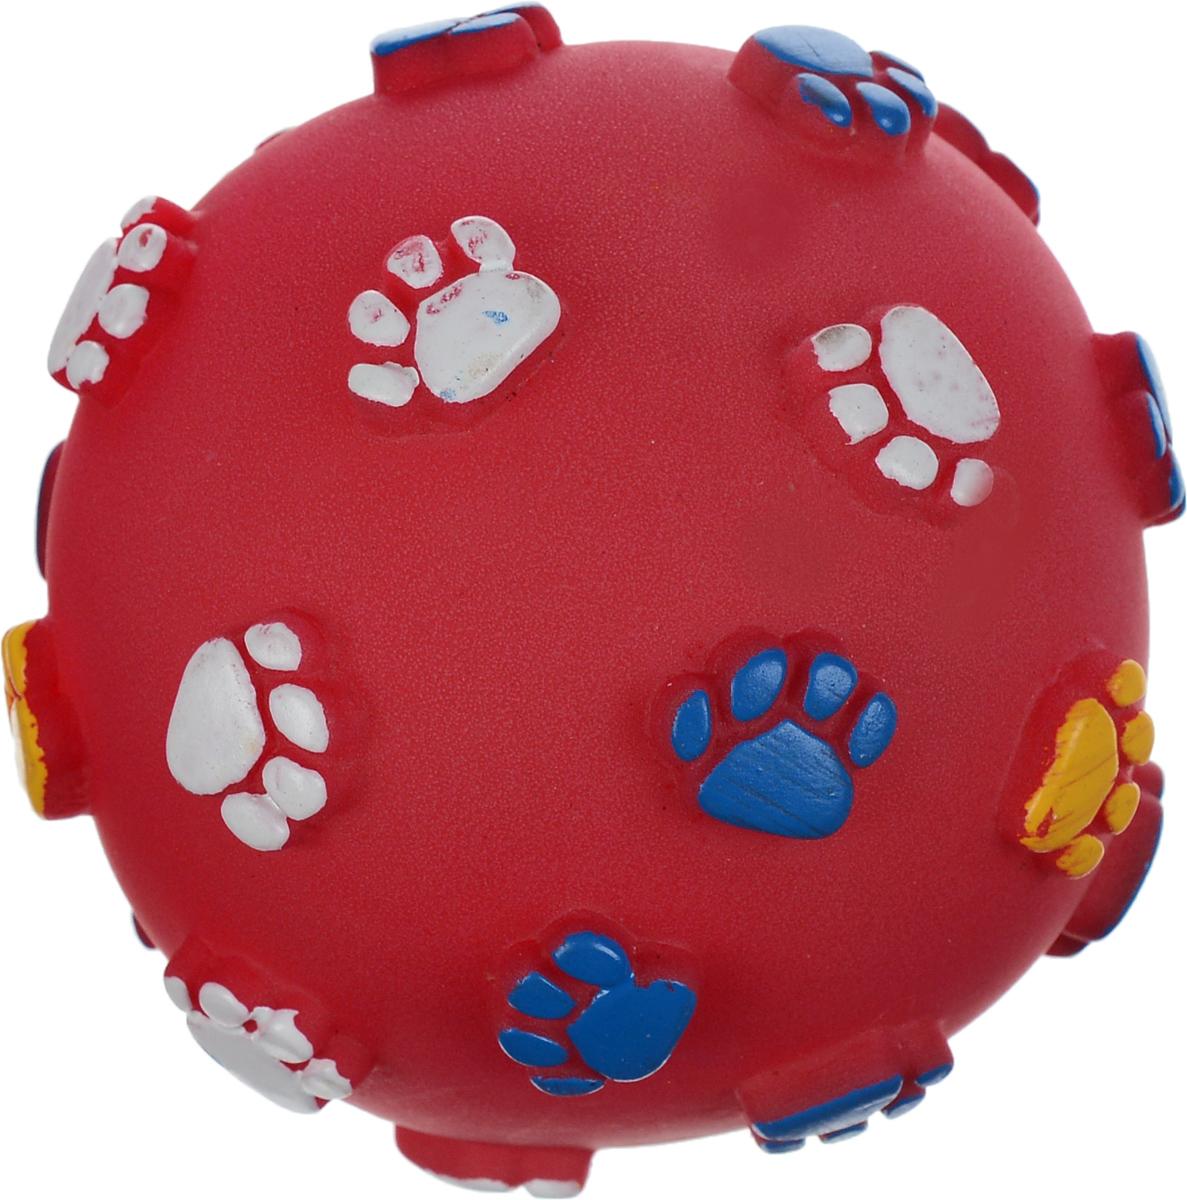 Игрушка для животных Каскад Мяч. Лапки, с пищалкой, цвет: красный, синий, желтый, диаметр 9 см игрушка для кошек каскад мышь на пружине цвет серый длина 9 см